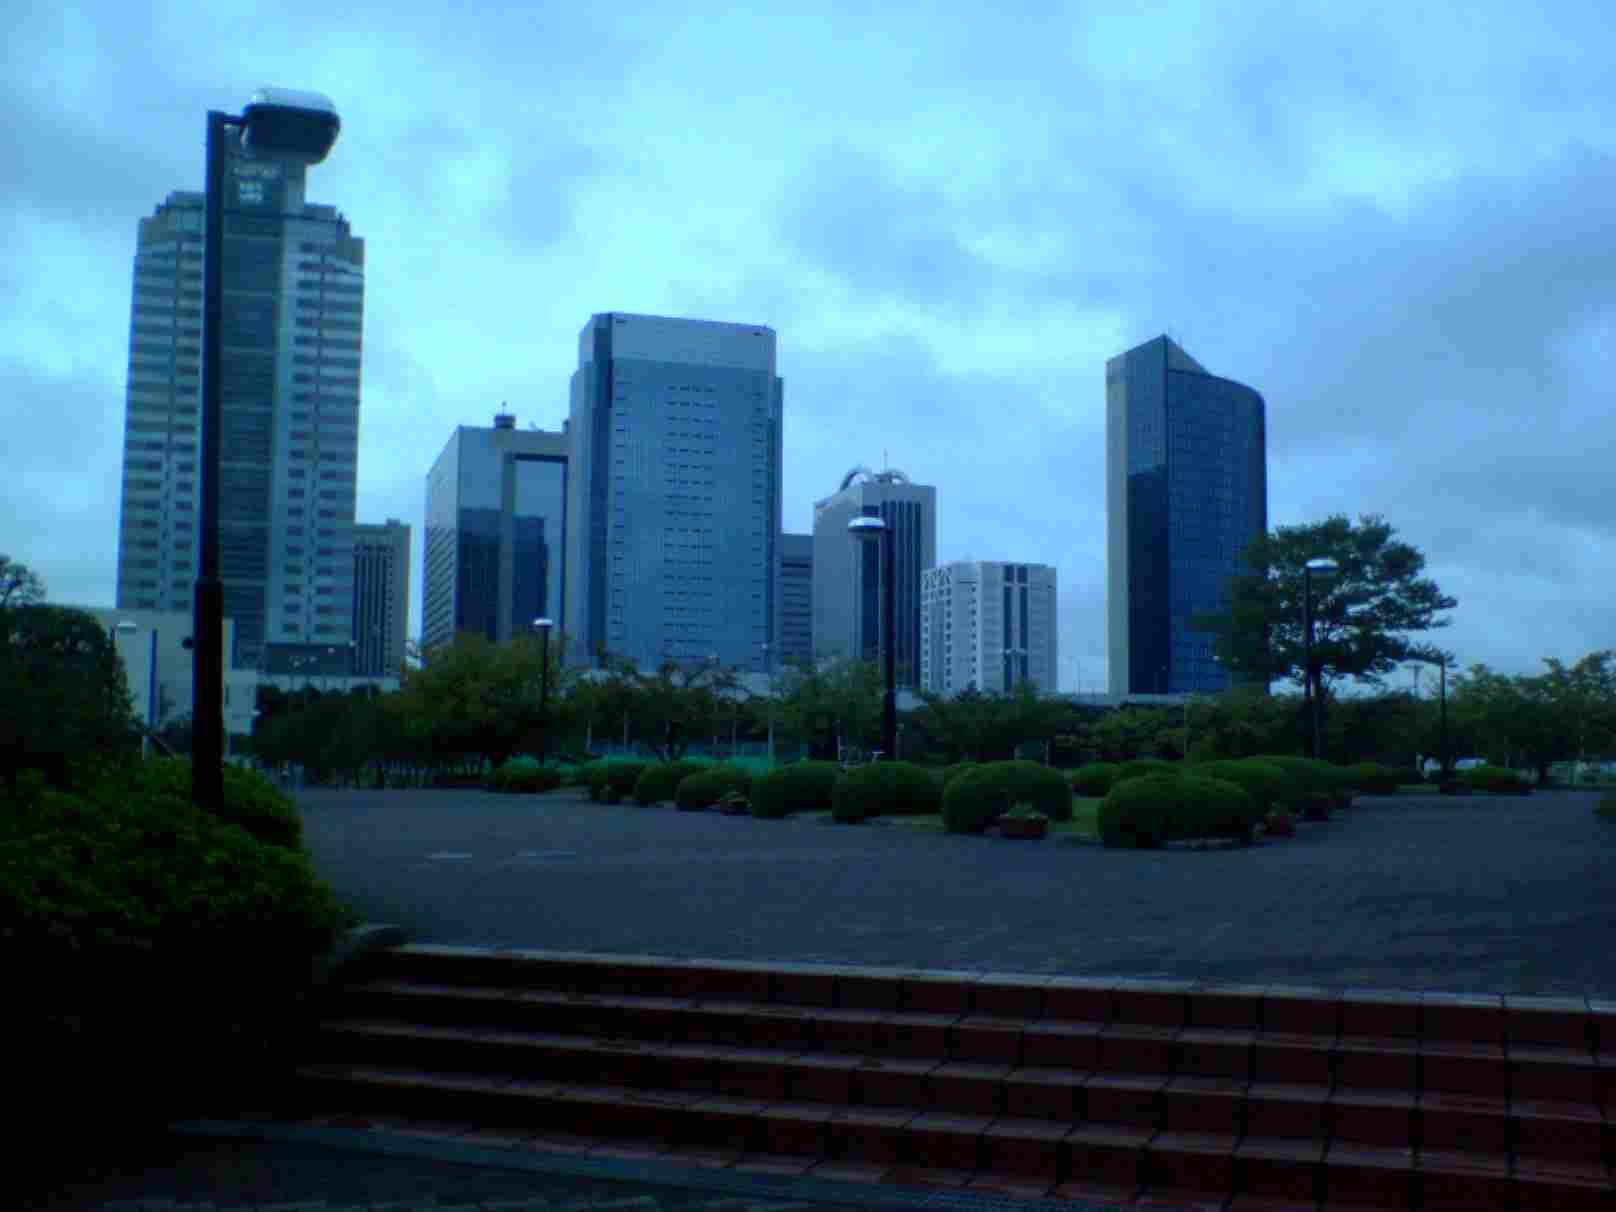 神田外語大学から見える海浜幕張のビル群